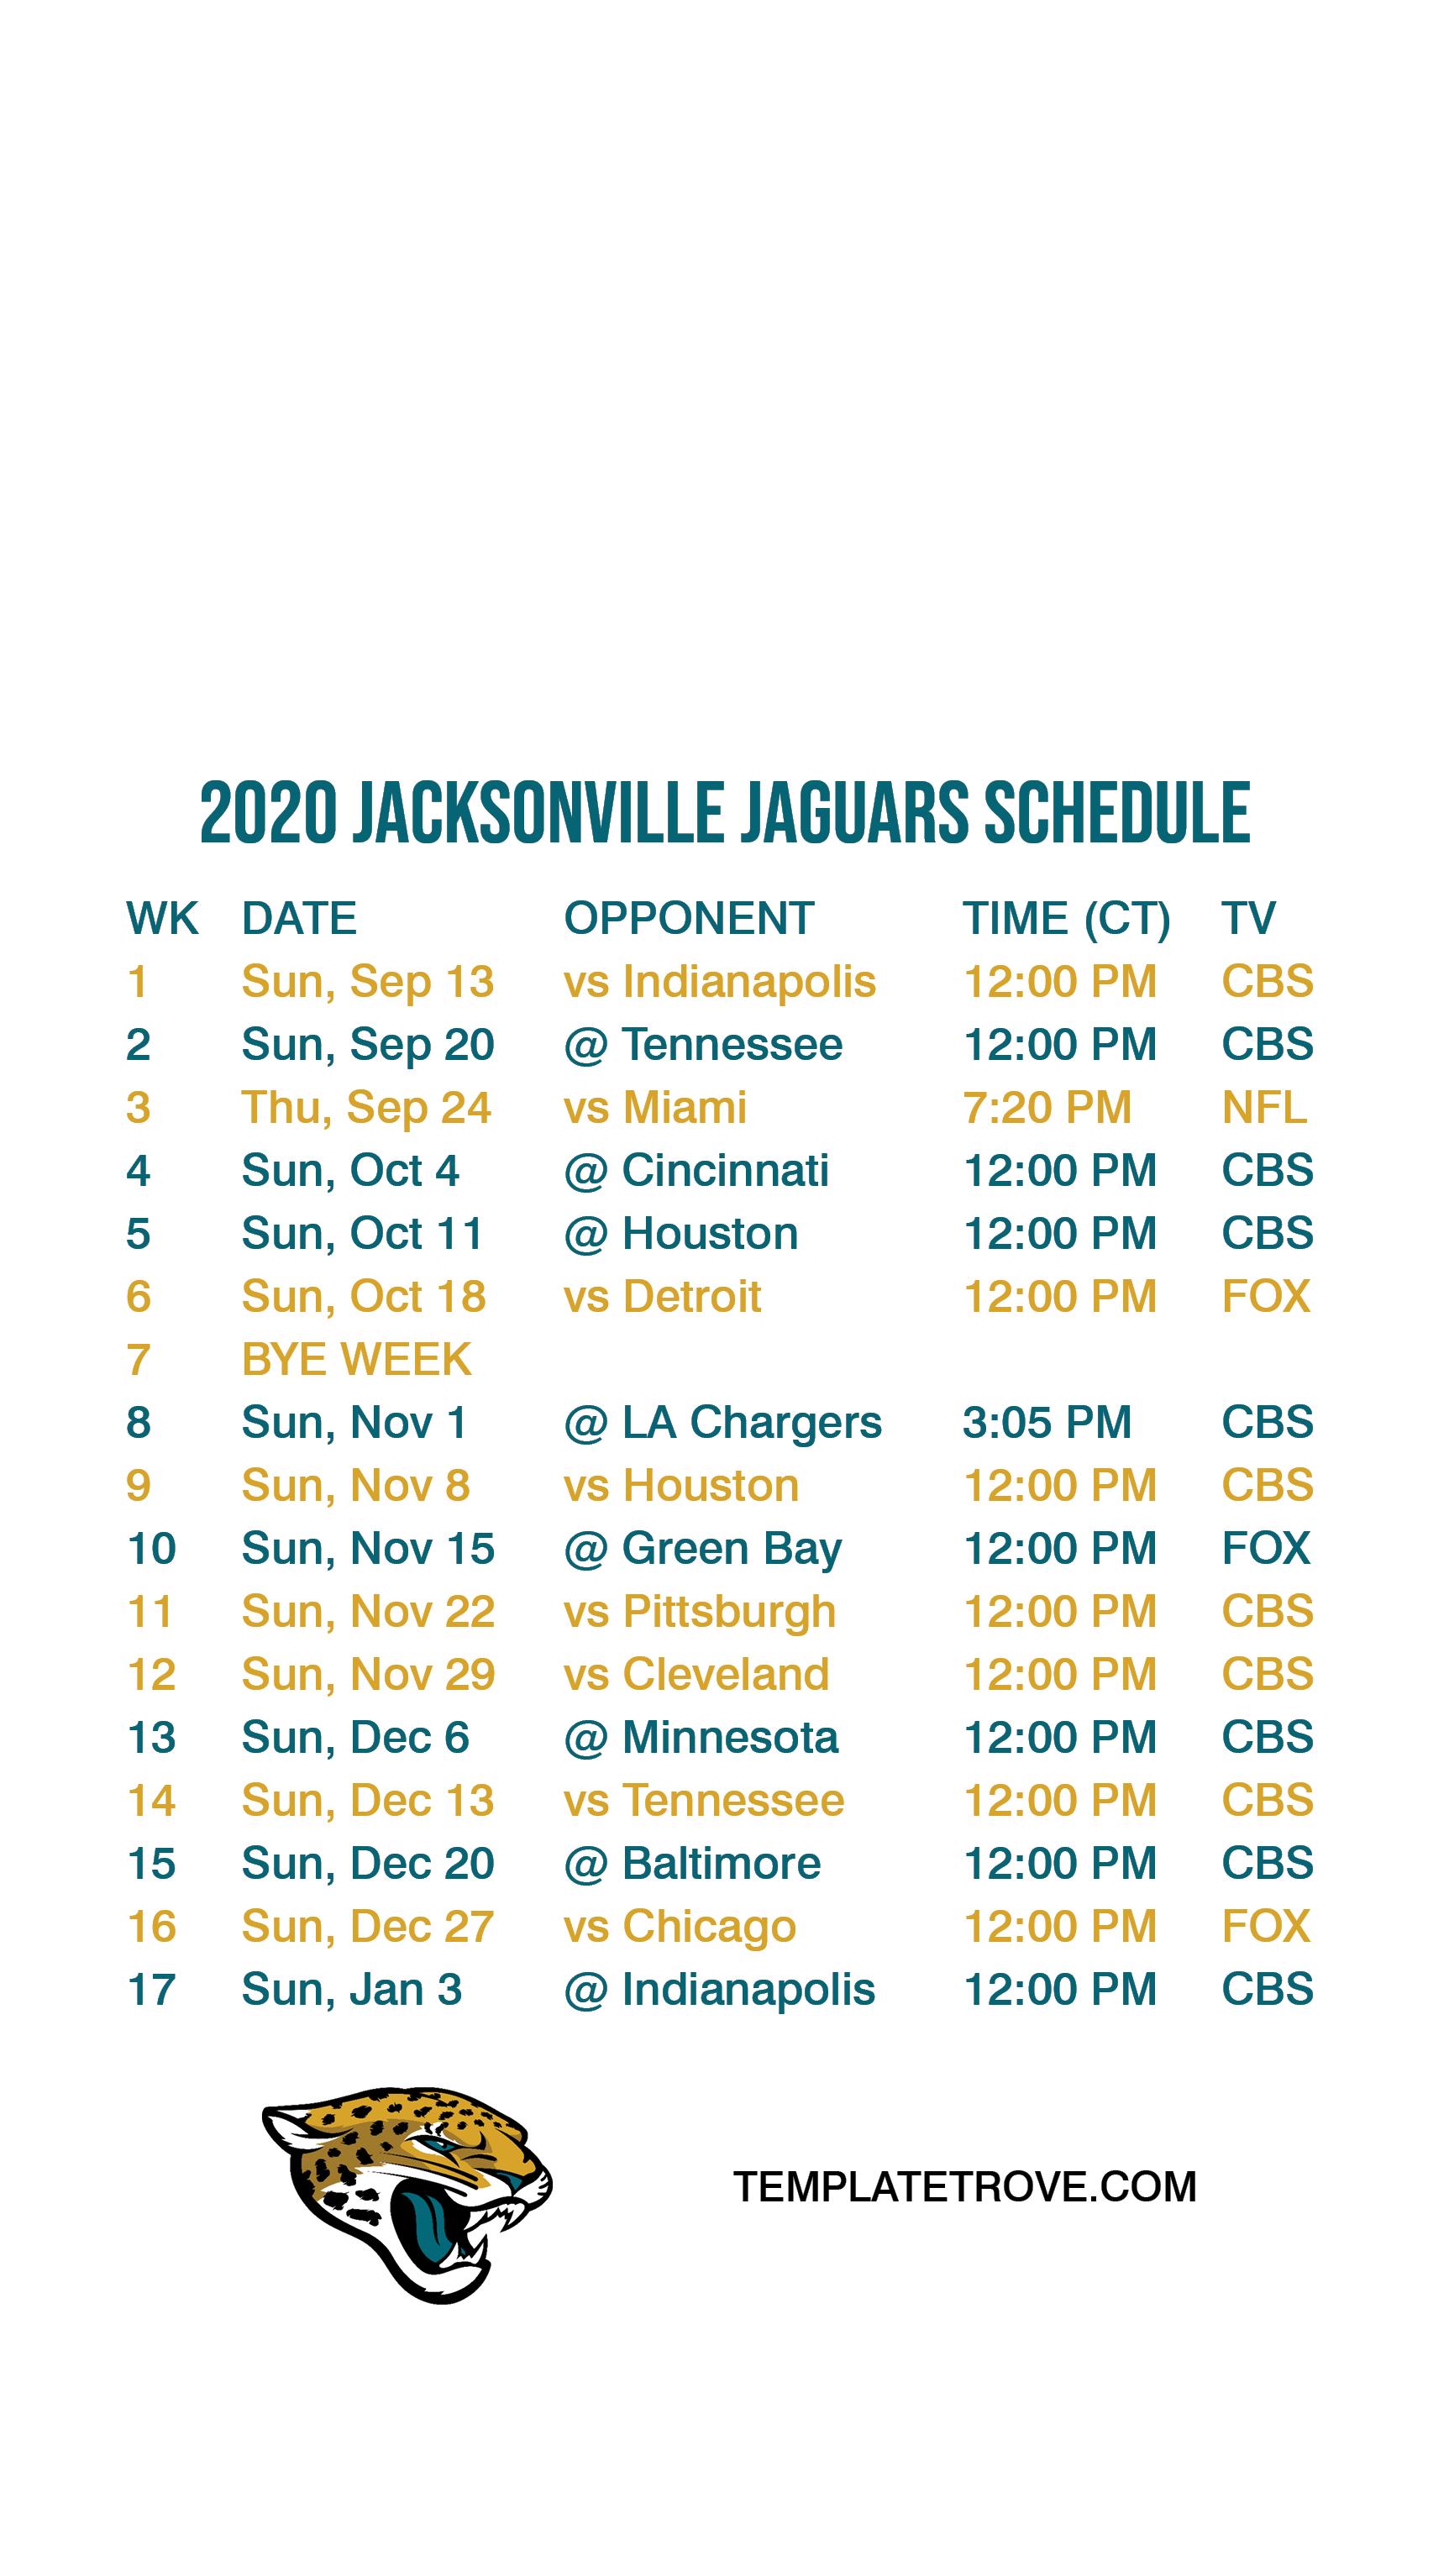 2020-2021 jacksonville jaguars lock screen schedule for